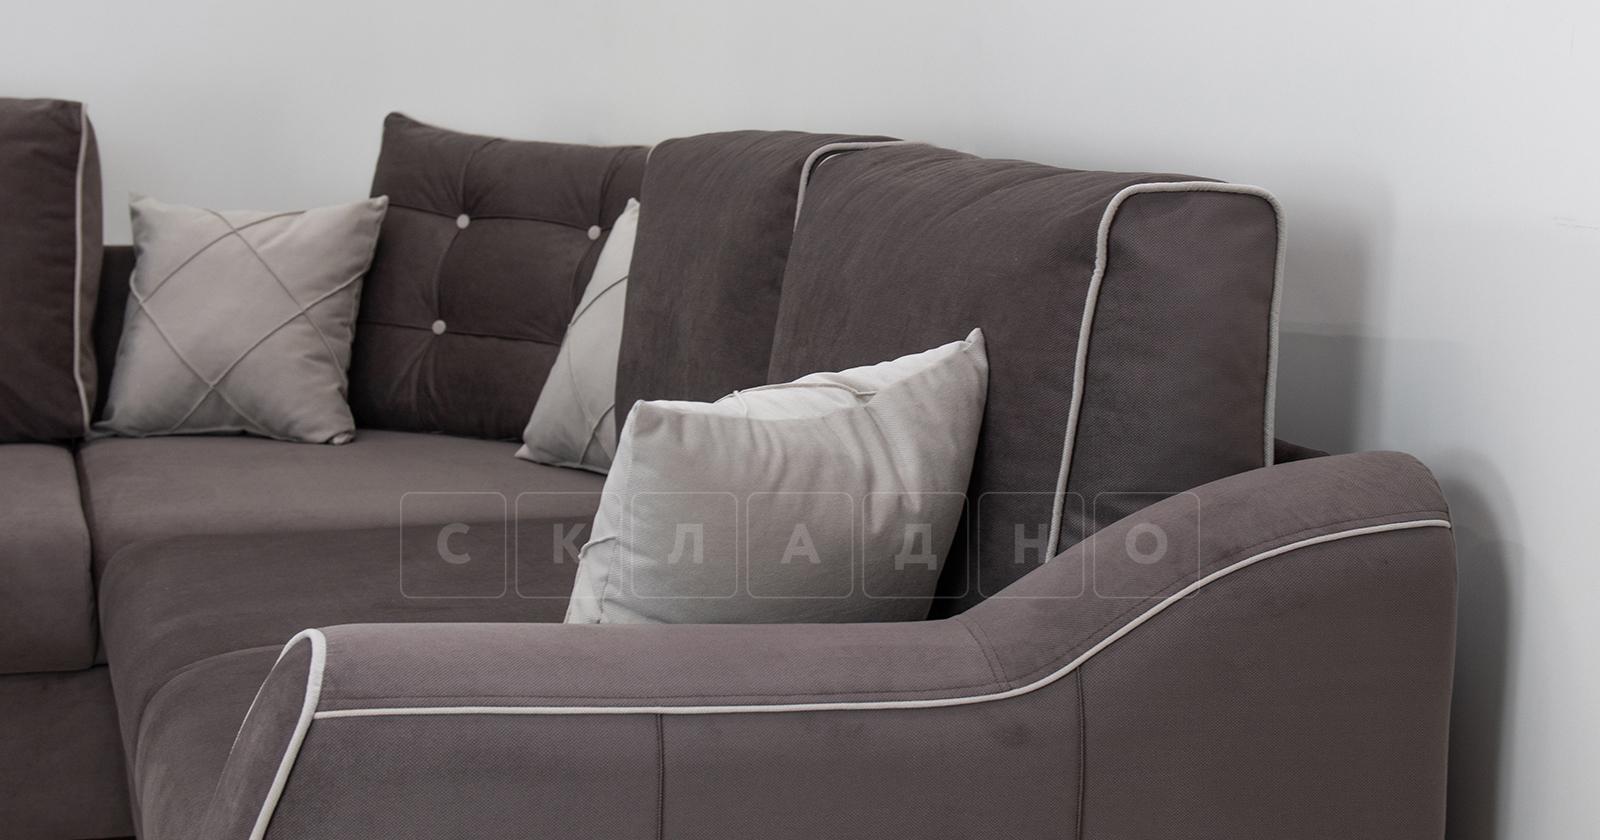 Диван-кровать угловой Флэтфорд шоколад фото 13 | интернет-магазин Складно